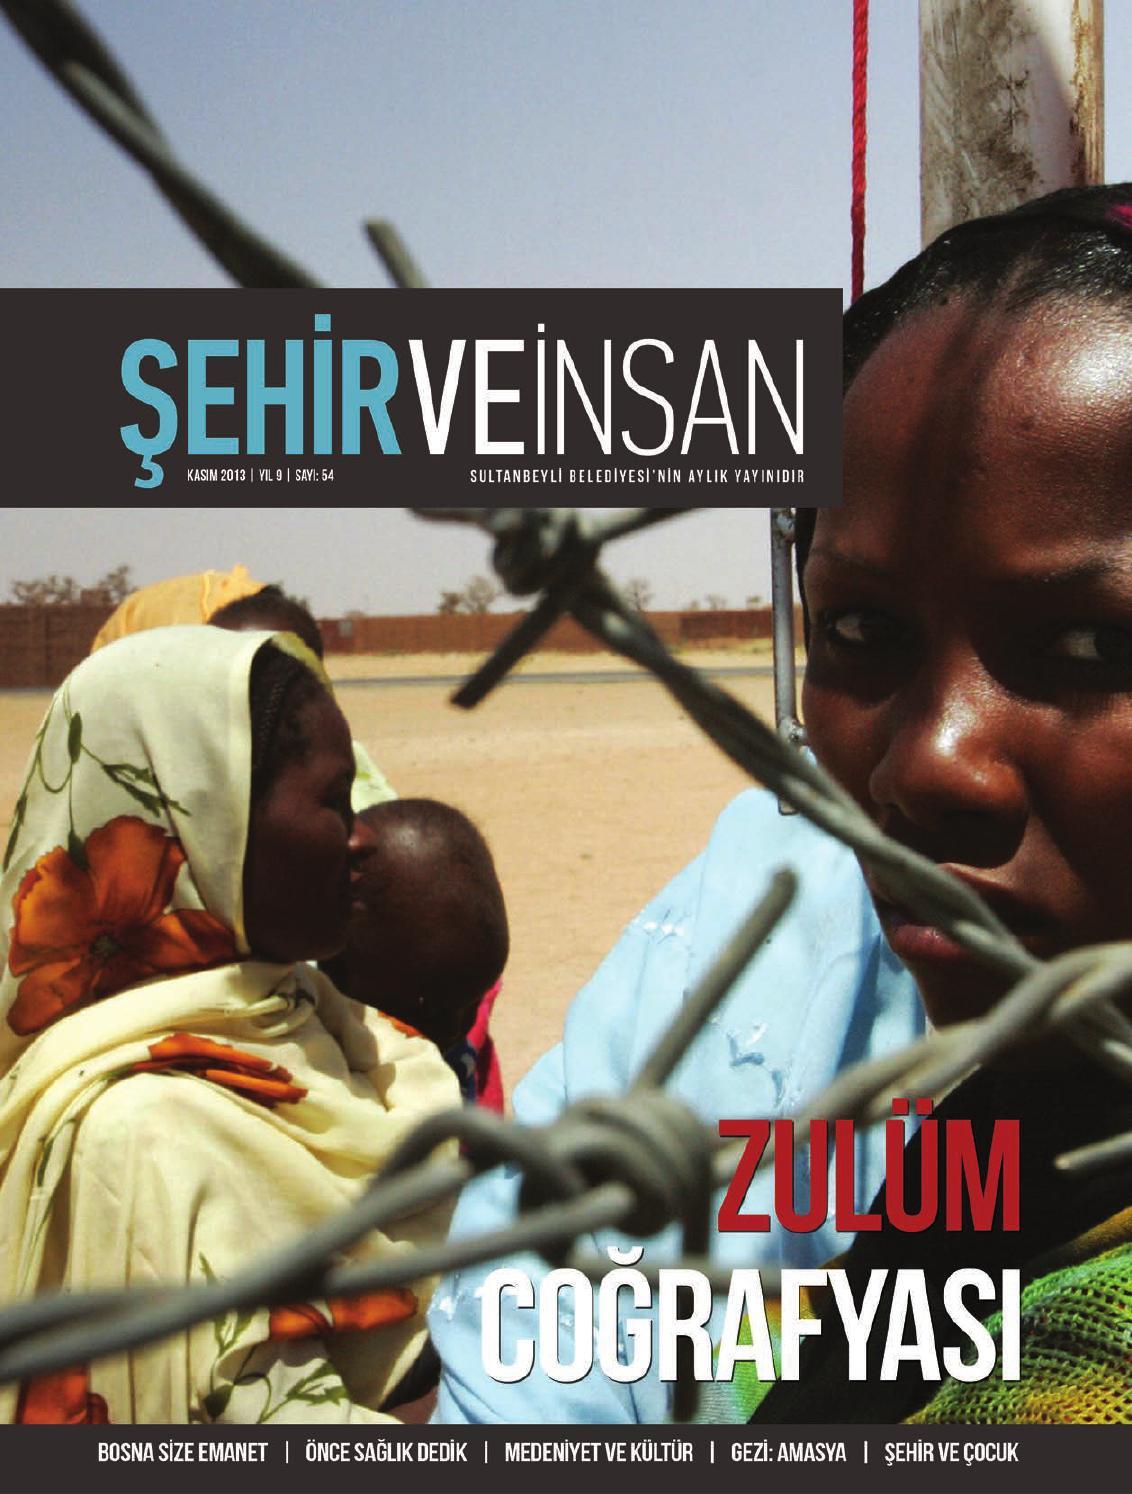 Güney Sudanda hükümet yüzlerce çocuğu zorla silahlandırdı 89